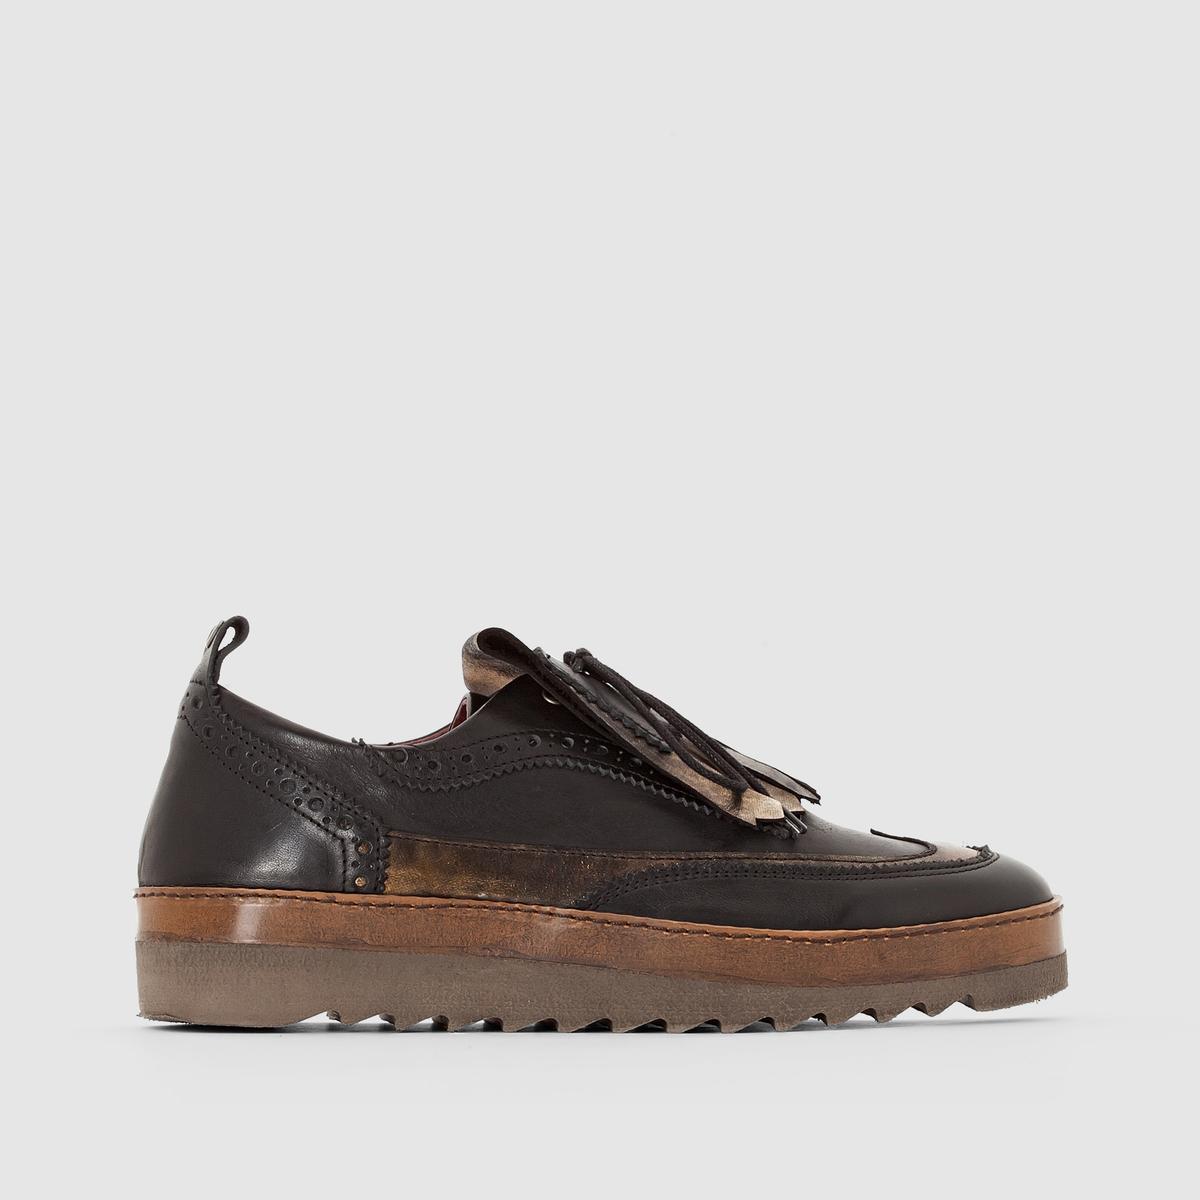 Ботинки-дерби кожаные RikkiПодкладка: Кожа   Стелька:  Кожа   Подошва: ЭВА   Застежка: шнуровка.<br><br>Цвет: черный<br>Размер: 41